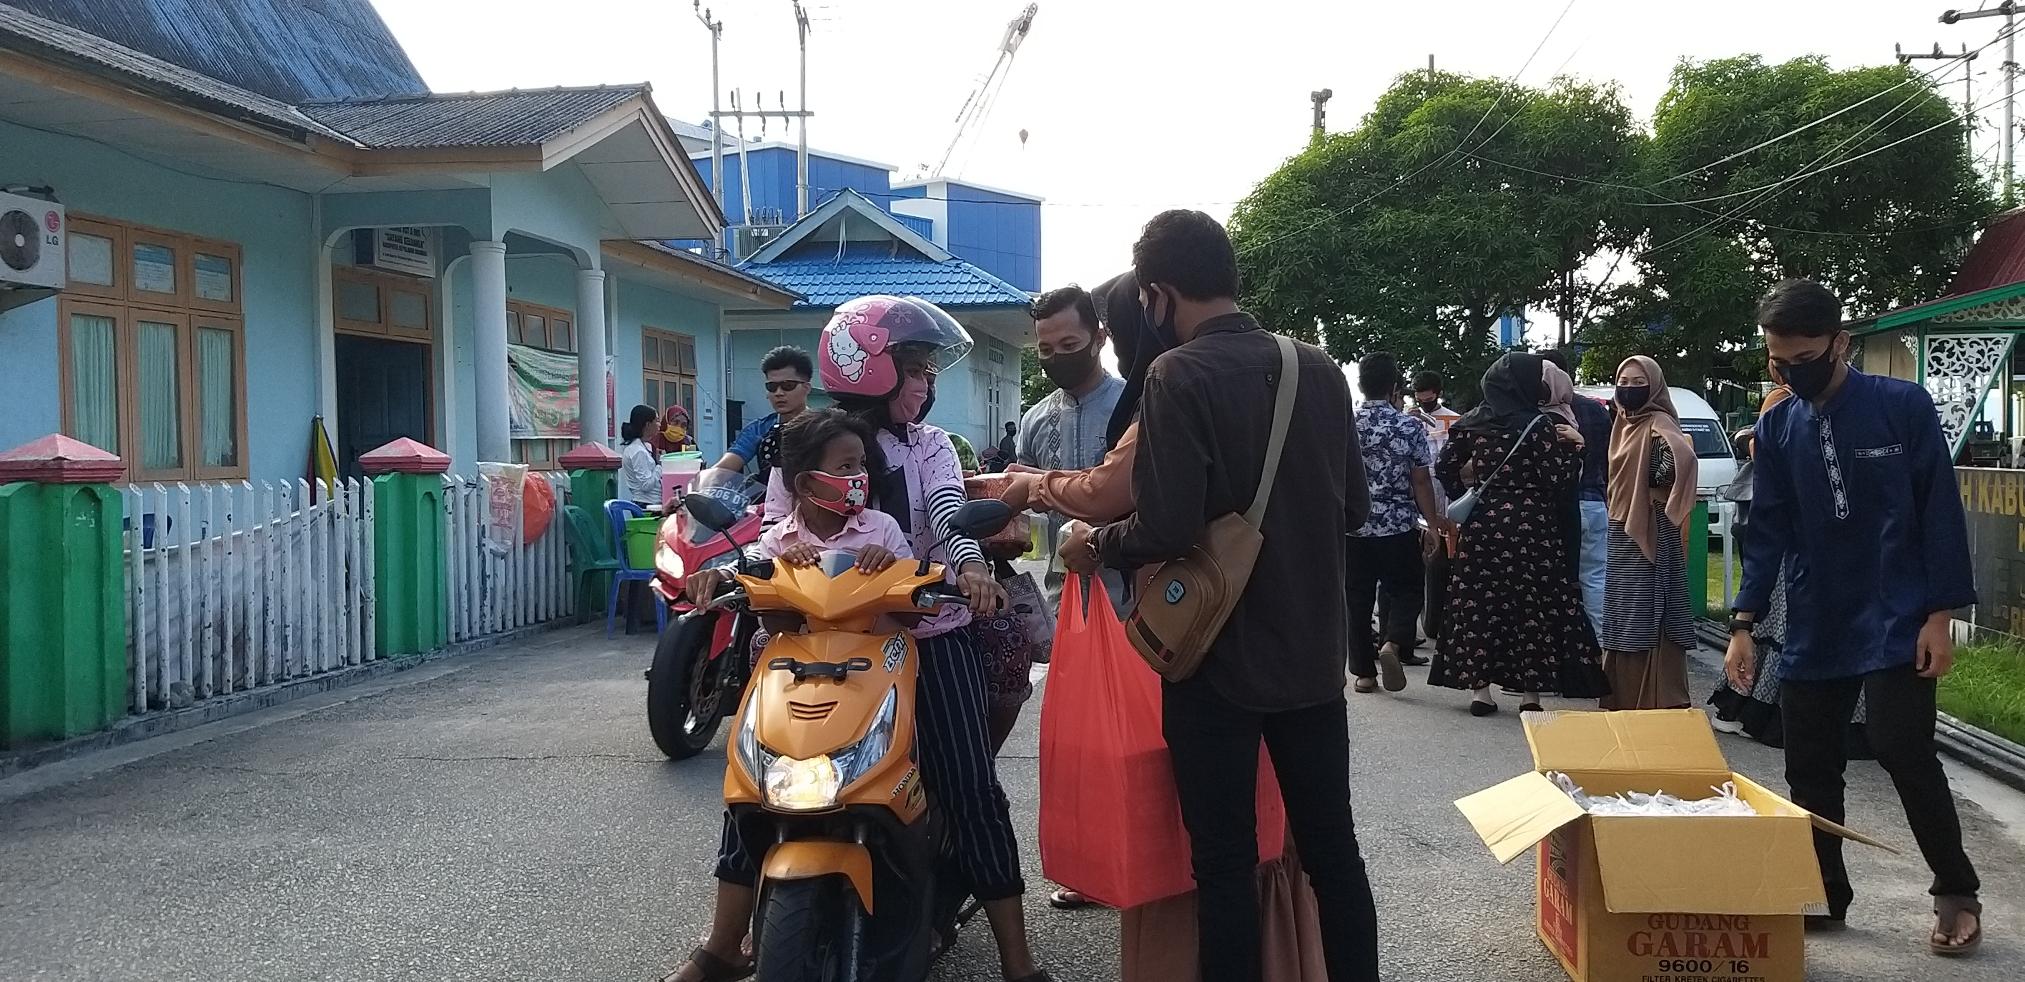 Imkka – Pku peduli, gelar gerakan berbagi takjil kepada masyarakat Kabupaten Kepulauan Anambas